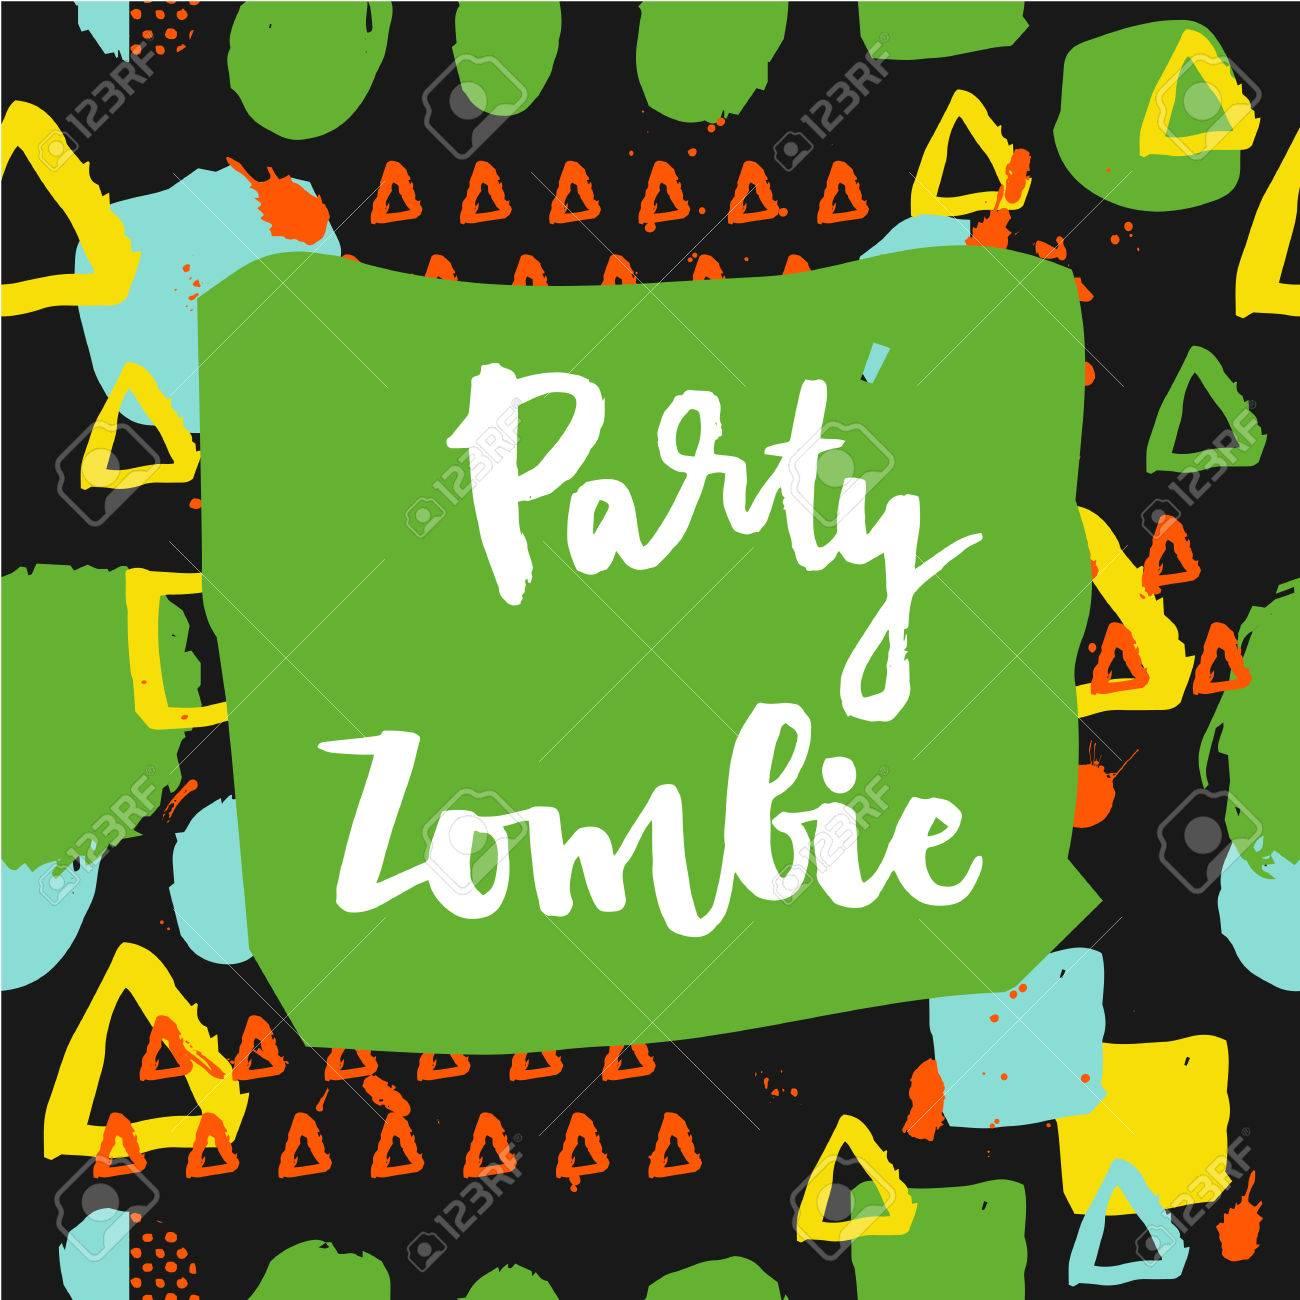 Party Zombie Citations De Lettrage Halloween Dessin à La Main De L Encre Art Vecteur Affiche De Calligraphie Moderne à La Brosse Dans Les Années 80